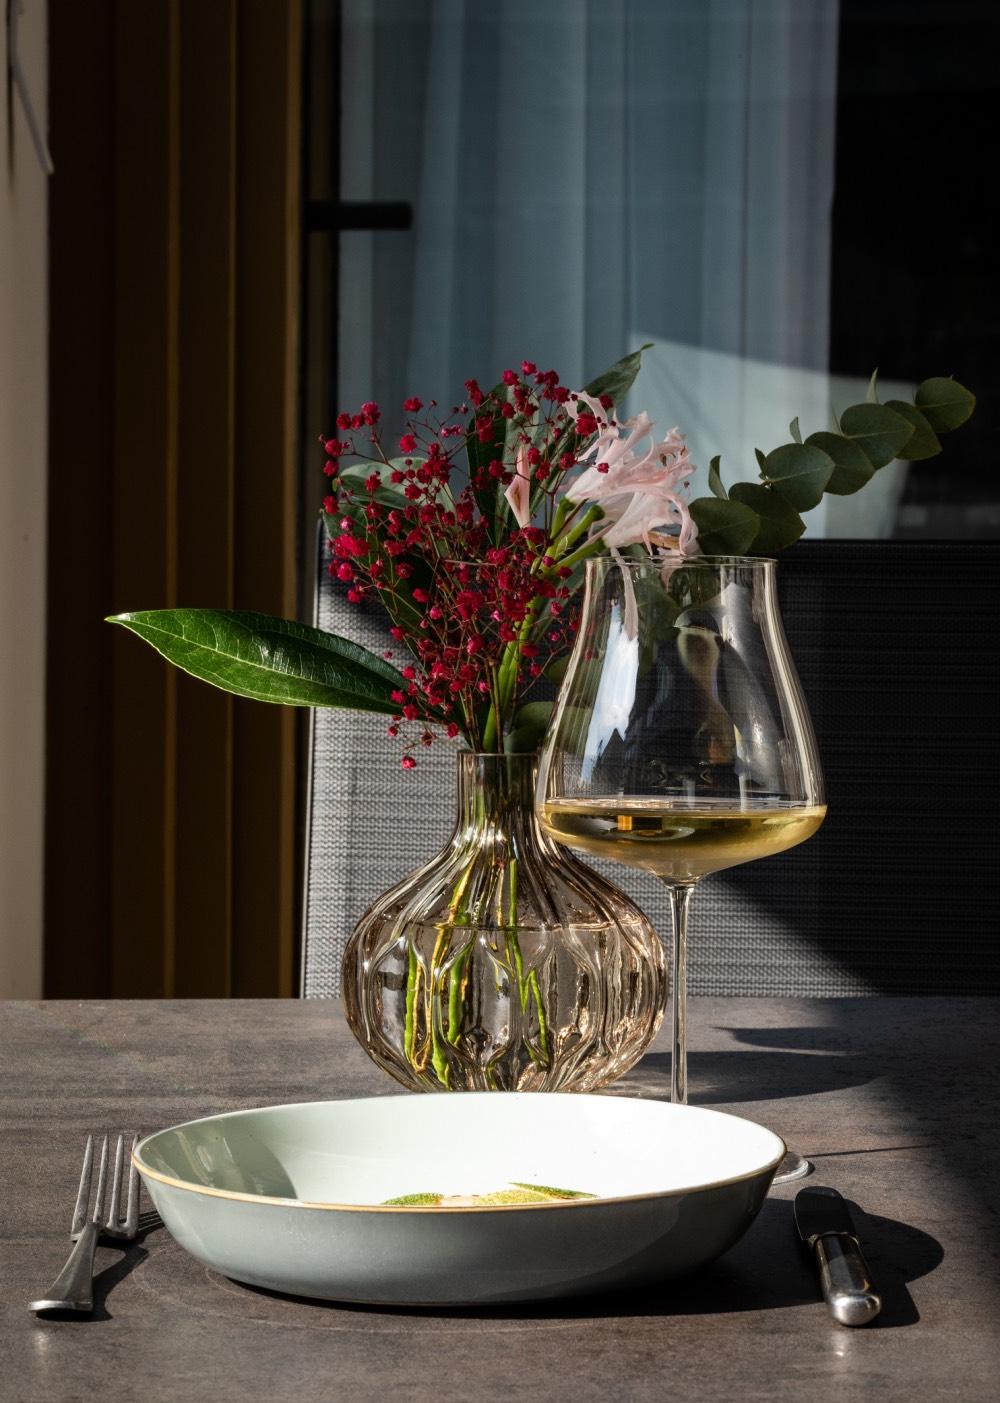 the-noname-restaurace-berlin-tip-na-restaurace